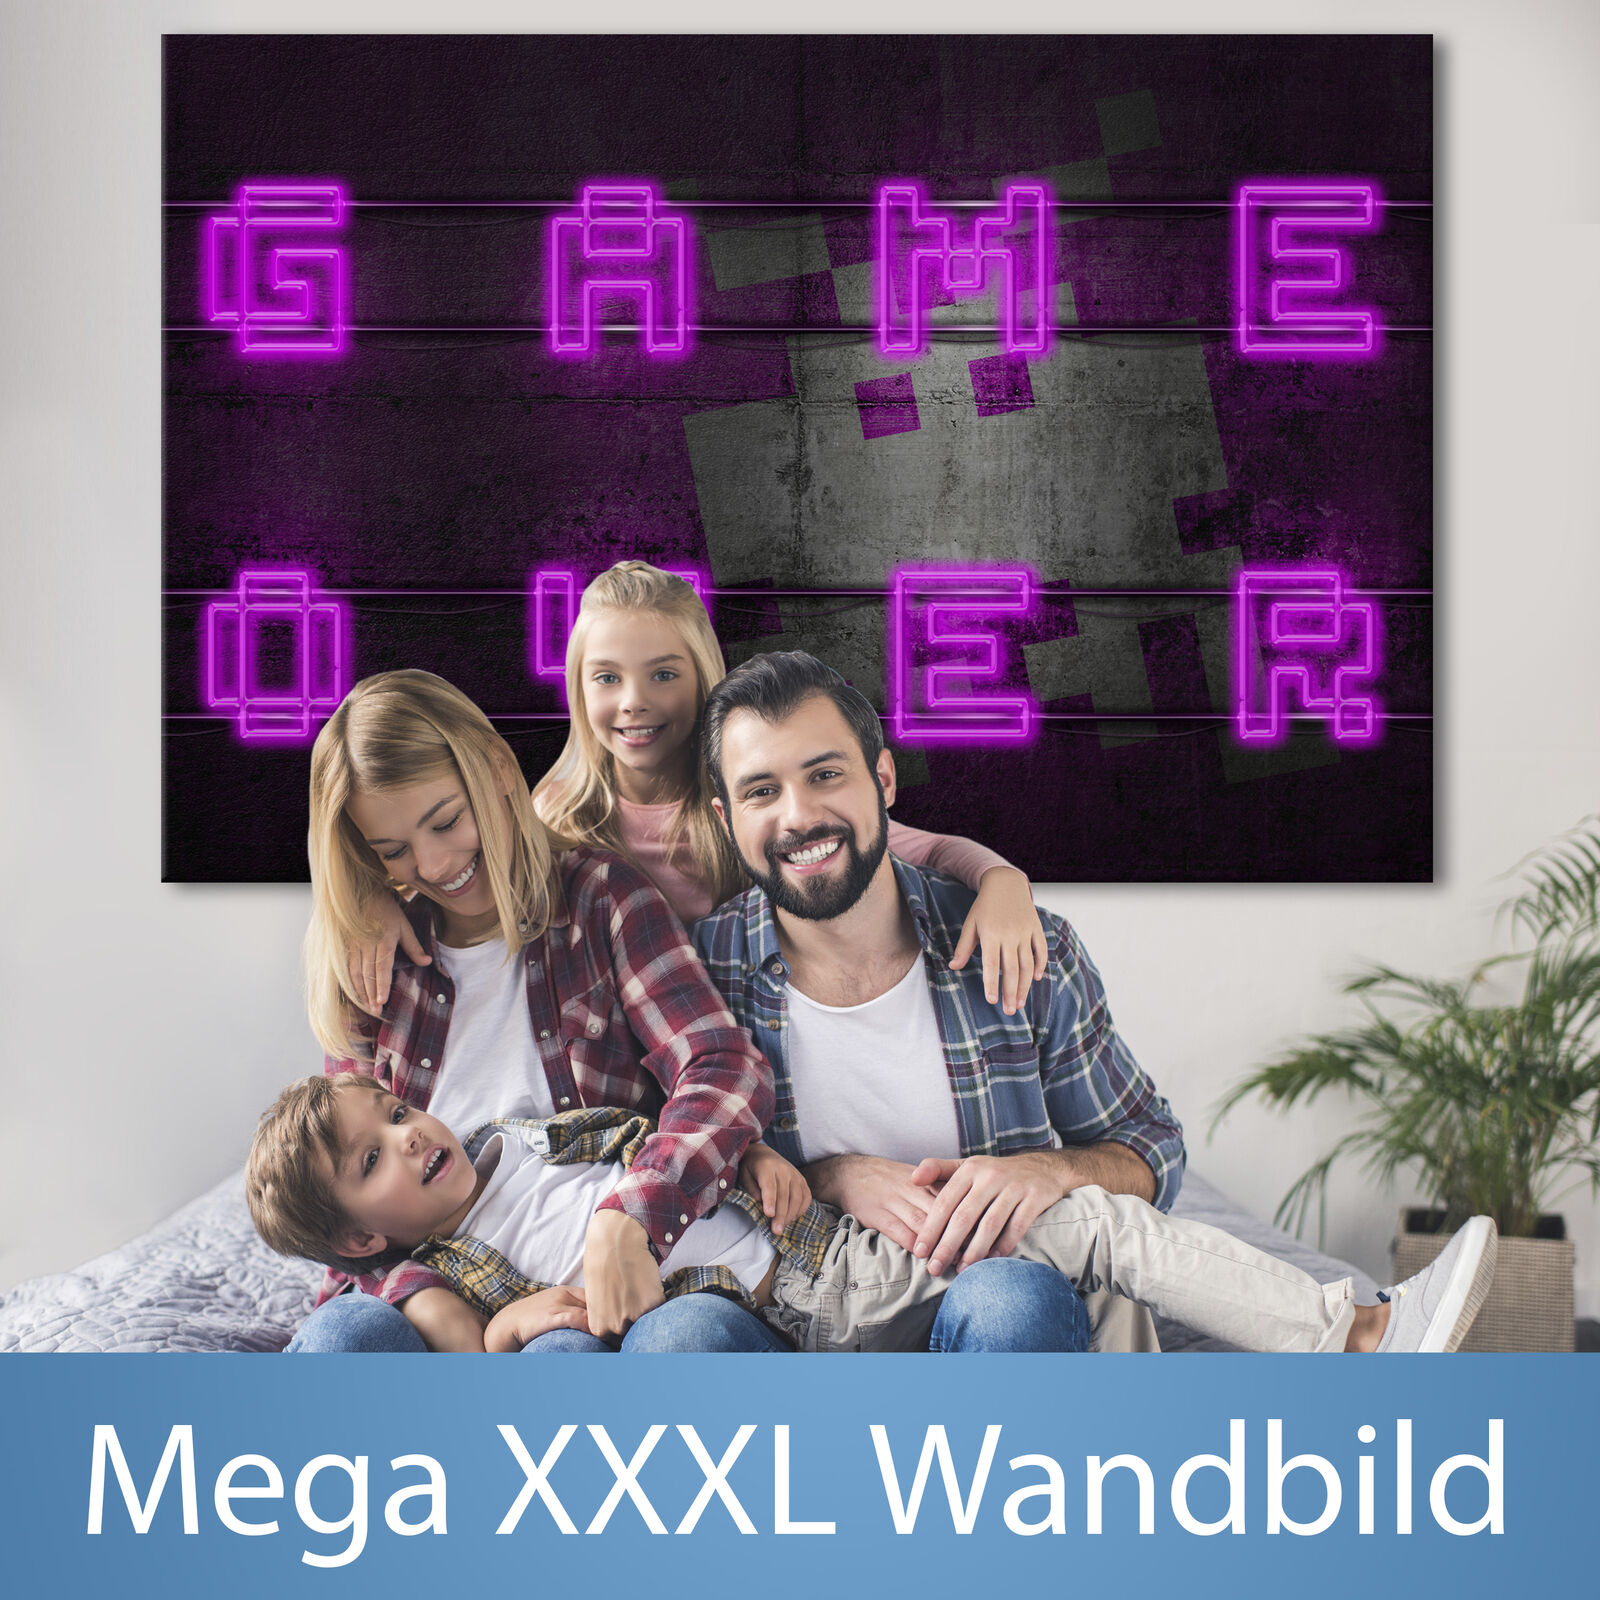 Spiel OVER XXXL Wandbild Riesenformat Leinwandbild DIY Canvas Bild i-A-0152-ak-a